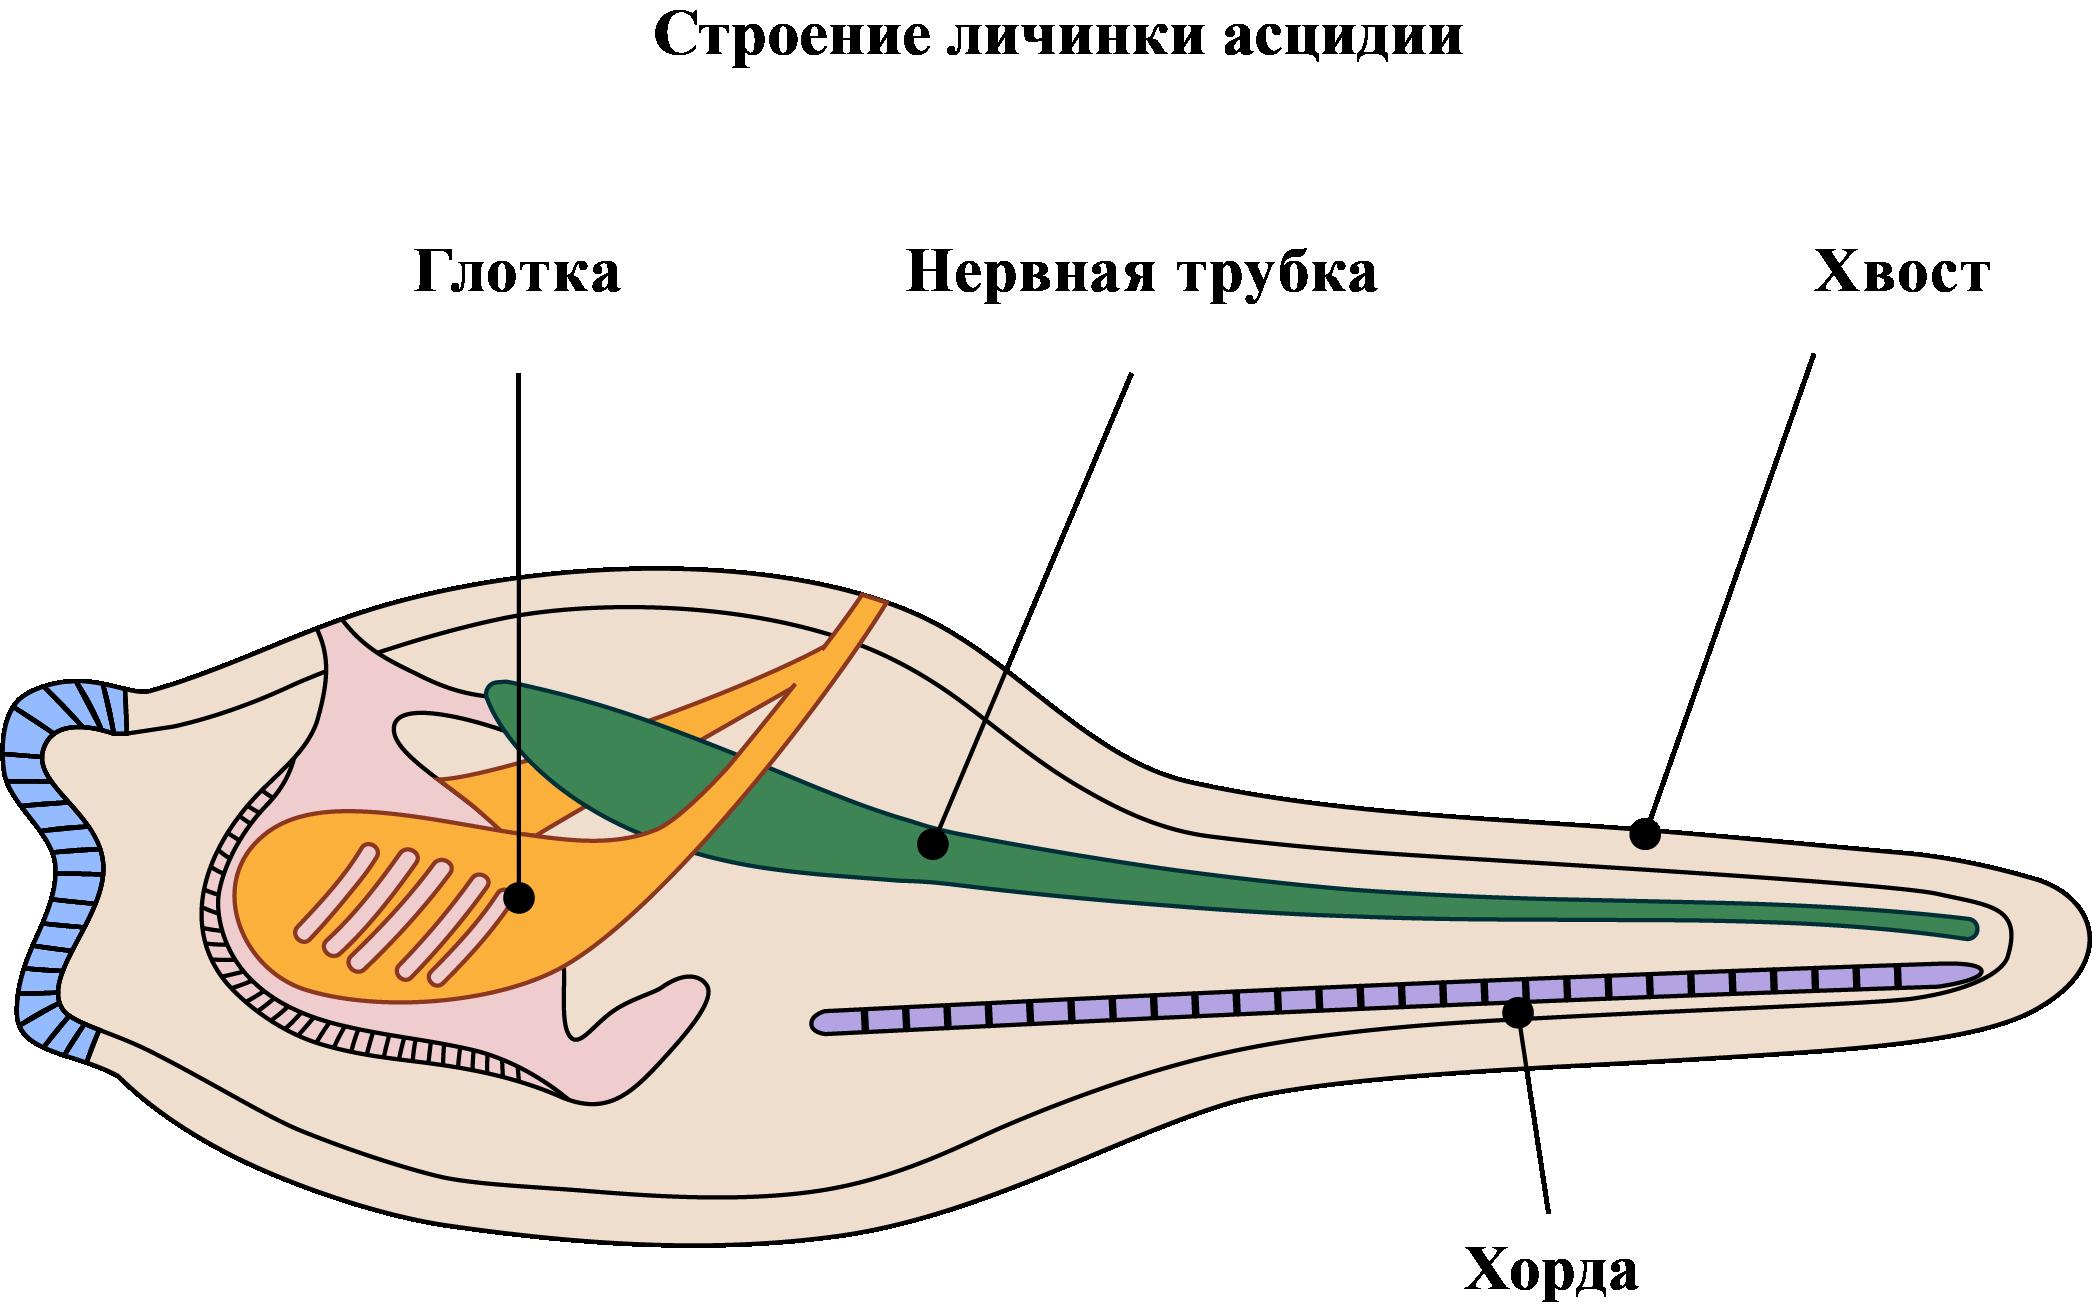 внутренне строение личинки асцидии